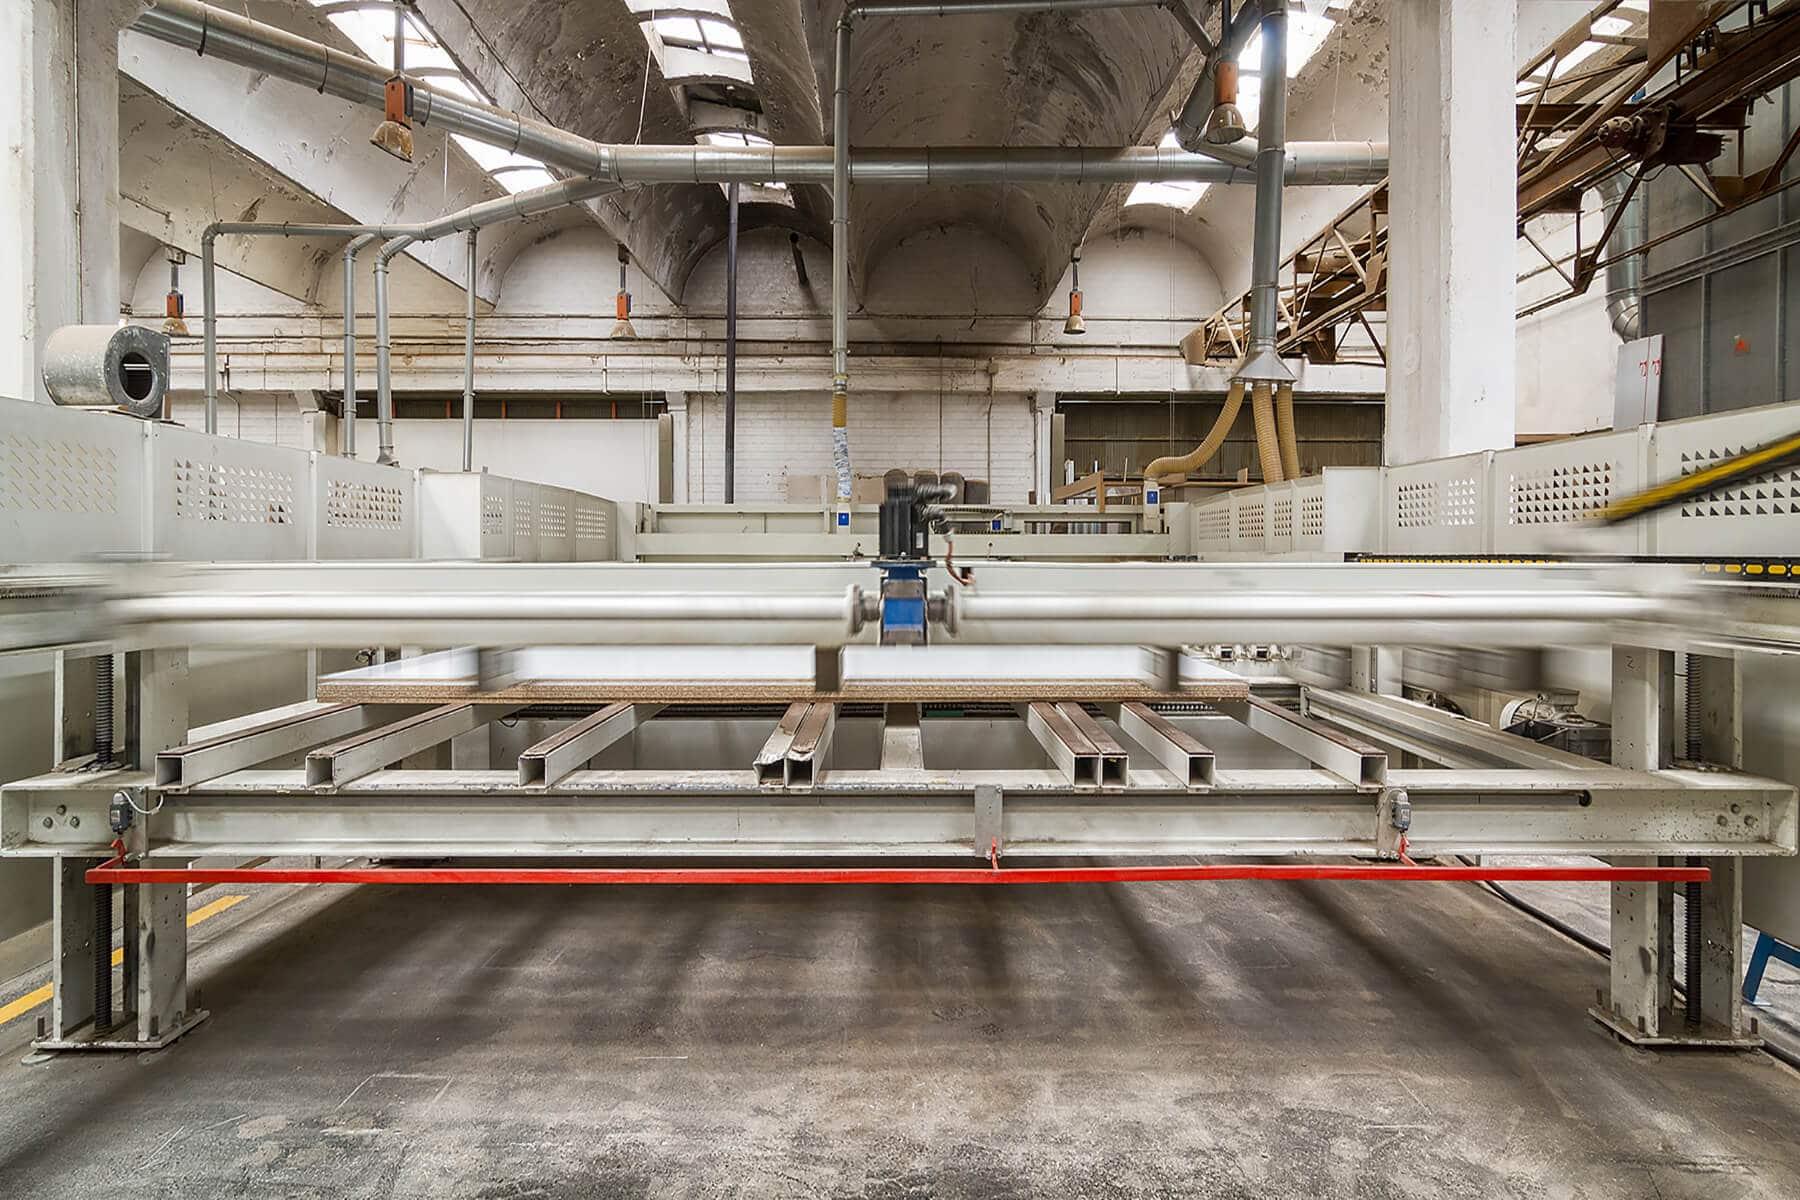 Máquinas de la fábrica Grupo Coeco - Fábrica de muebles de cocina